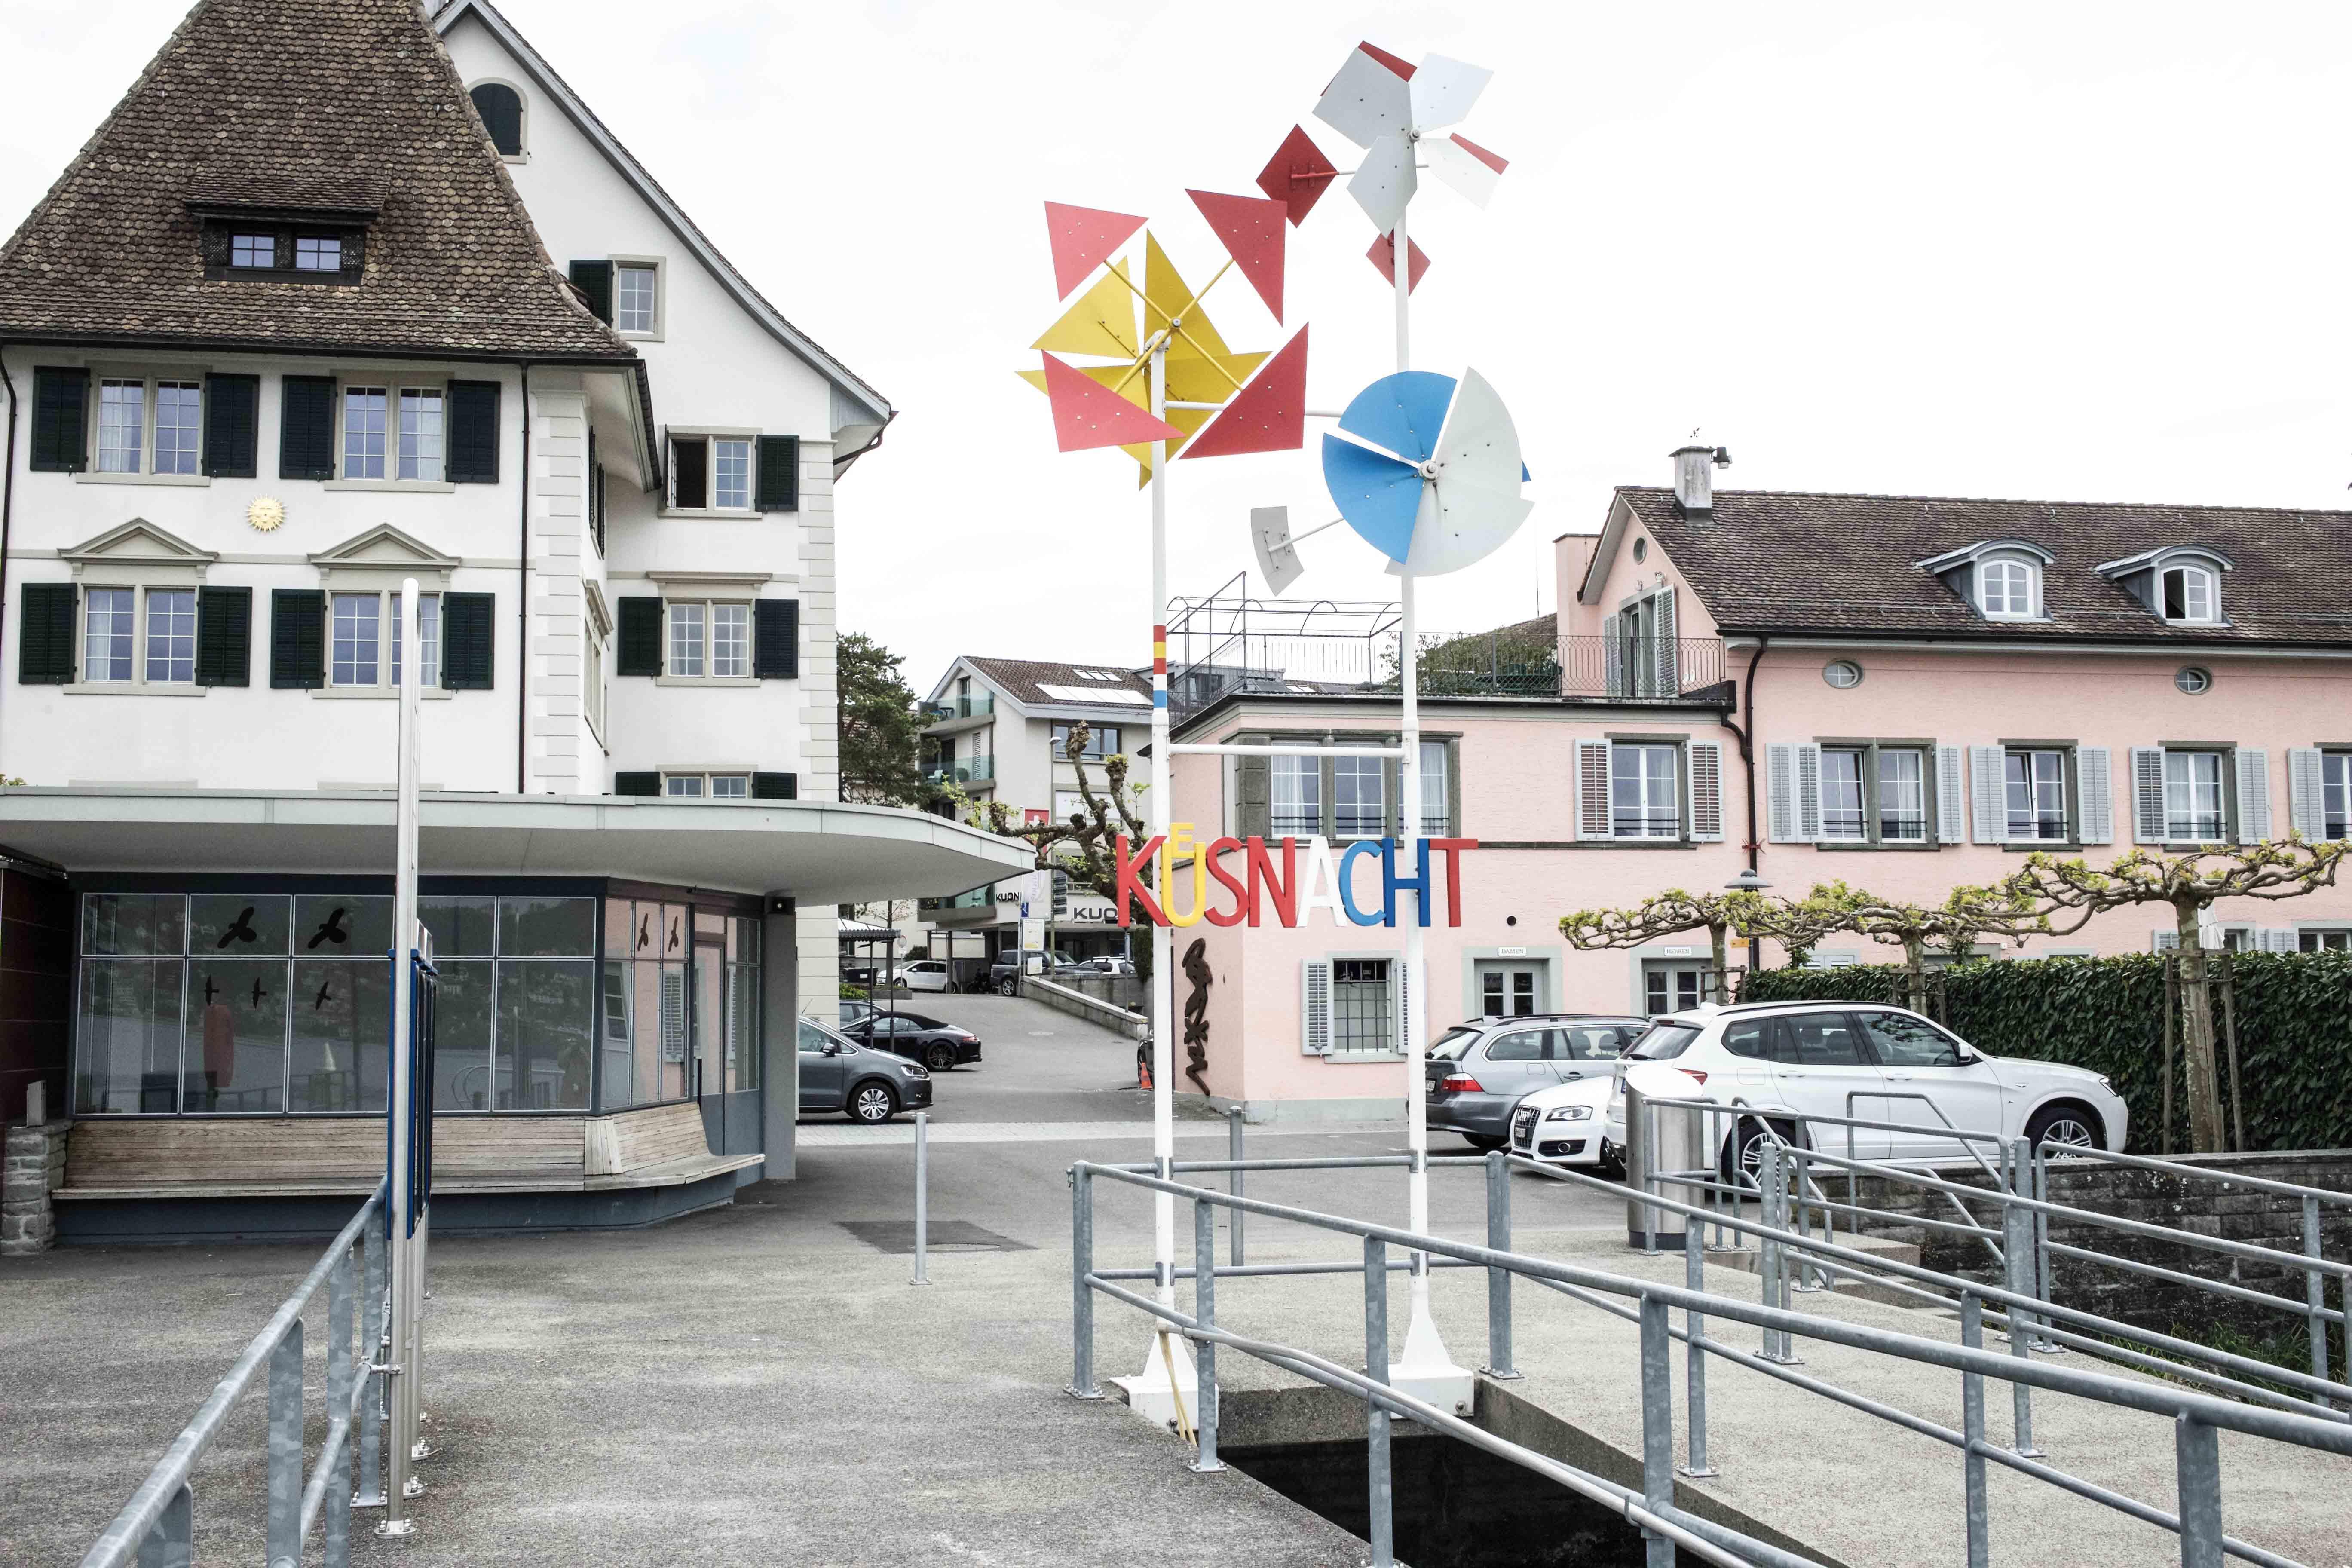 Hotelreview-Hotelempfehlung-Zürich-Küsnacht-Romantik-Hotels-Seehotel-Sonne_6943